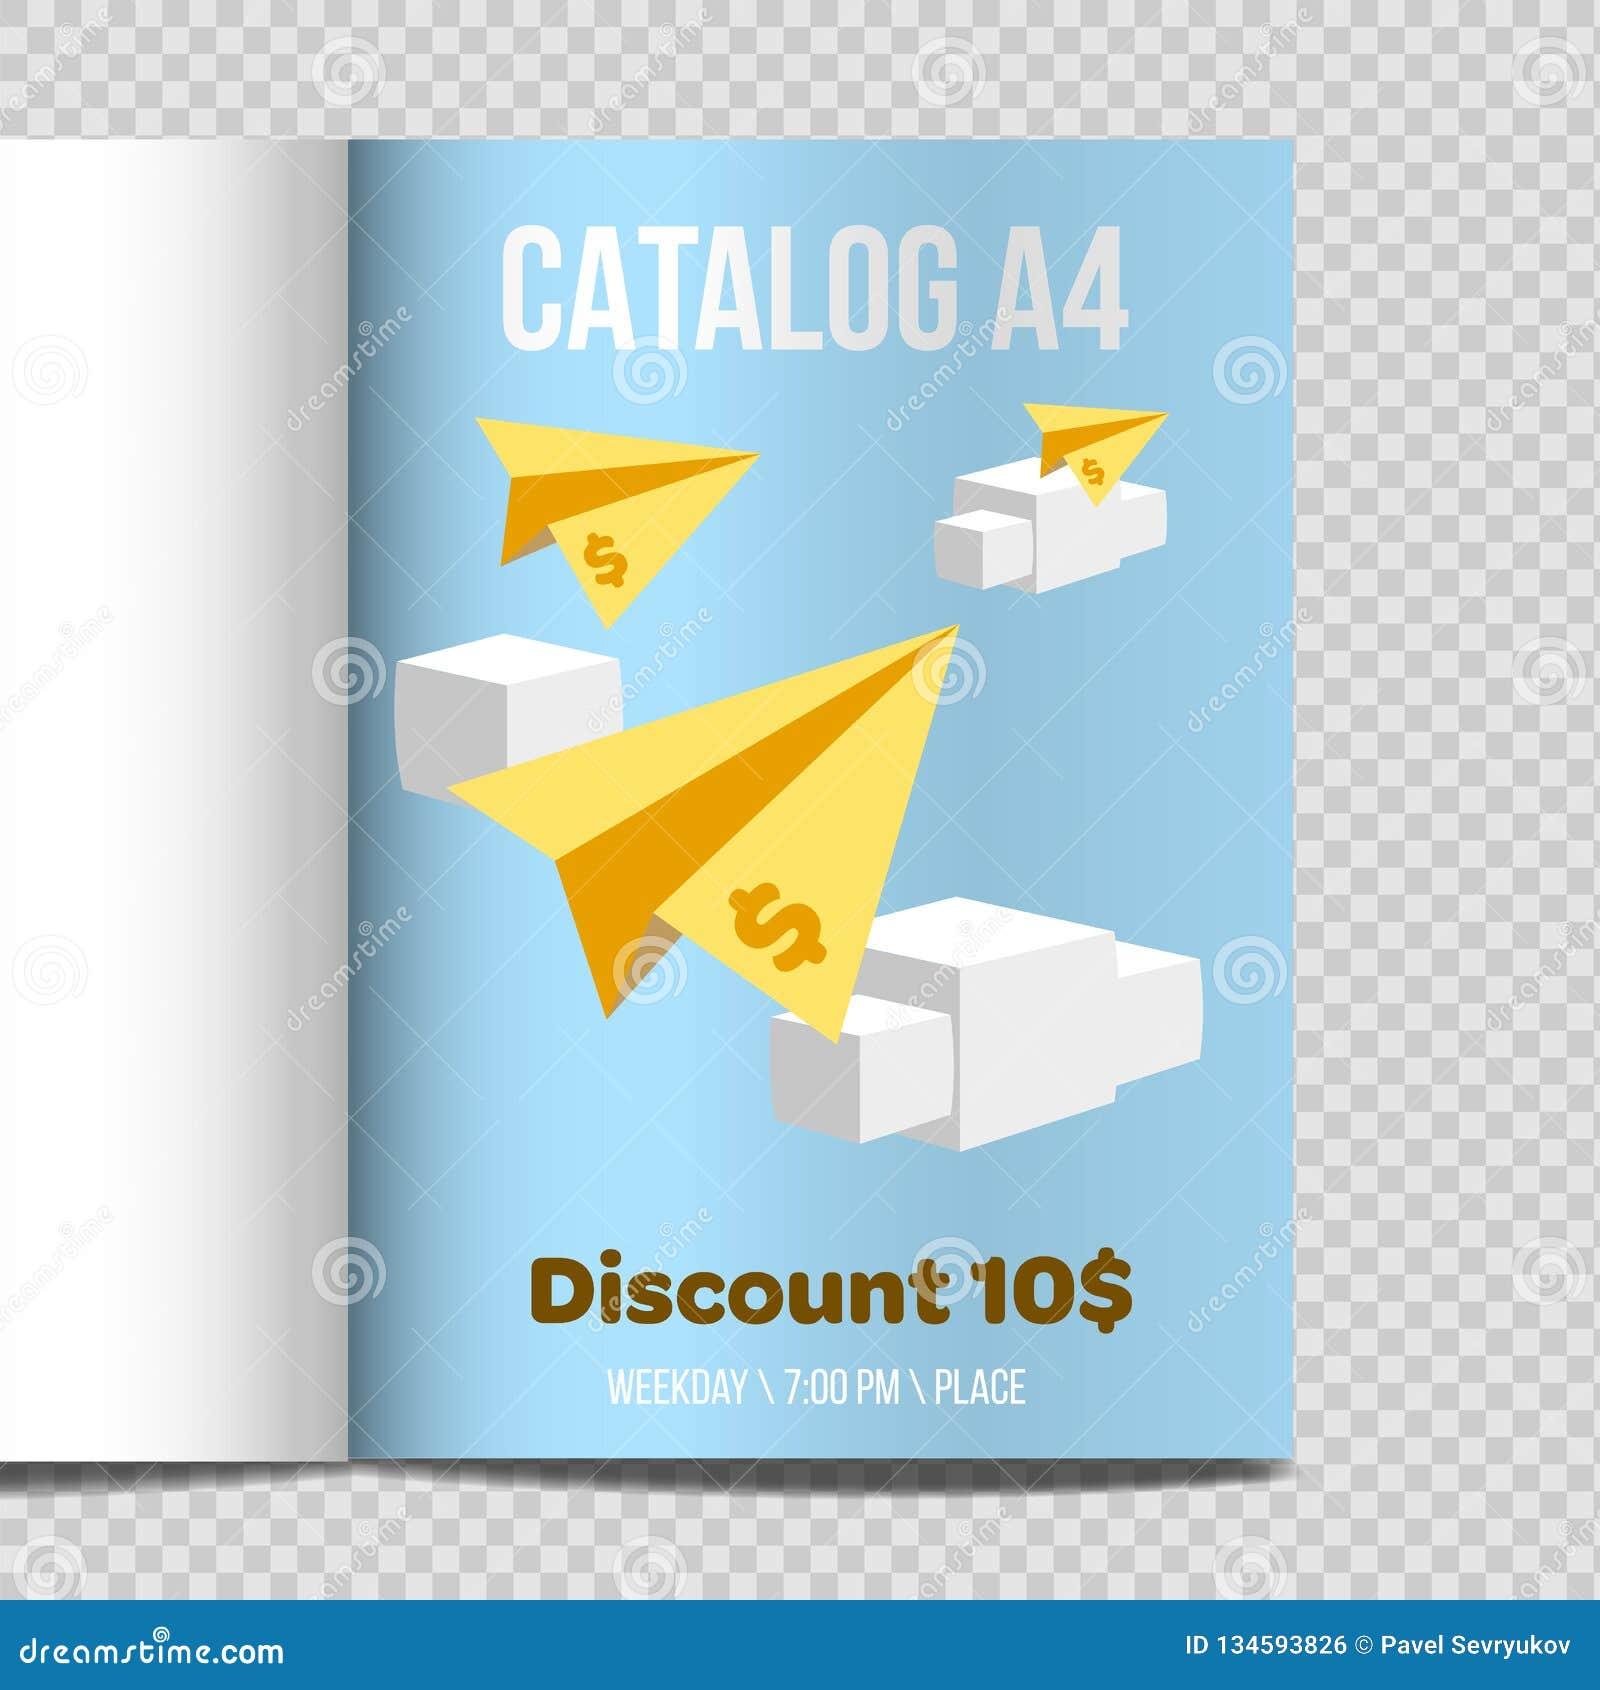 Promoção rápida da ilustração da folha do catálogo A4 do vetor